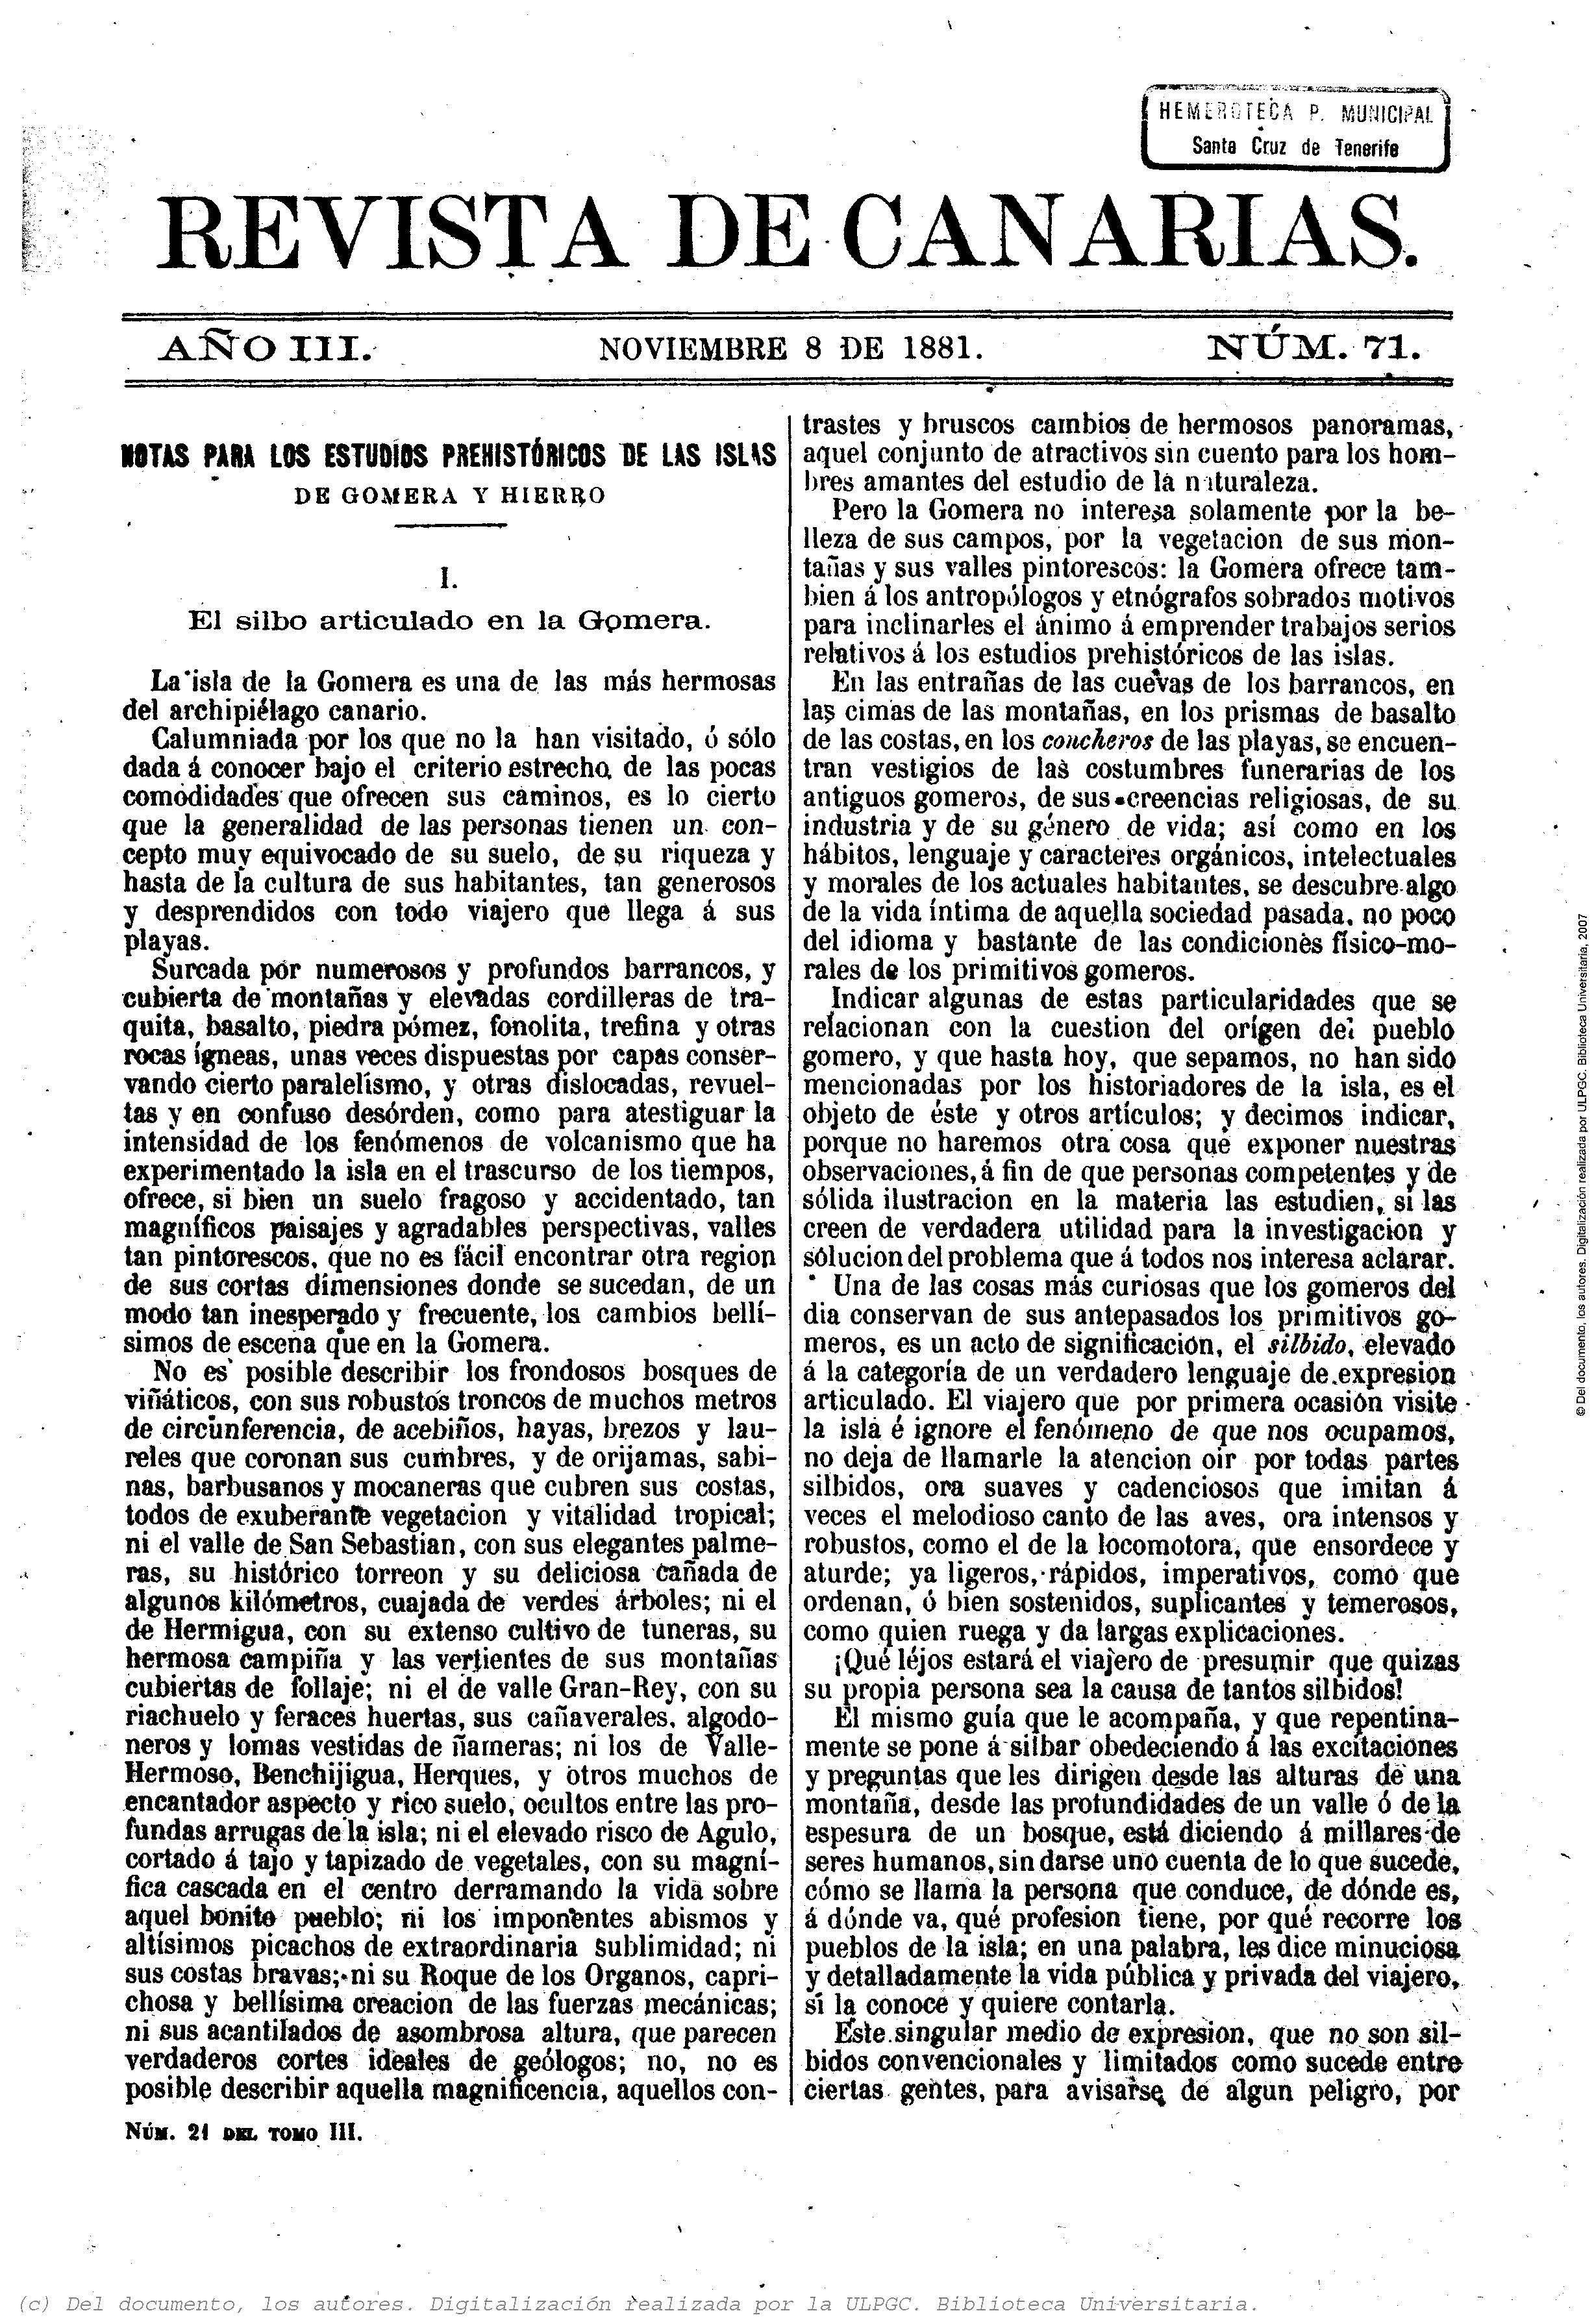 """Revista de Canarias, 8 de noviembre de 1881, número 71. Las páginas 1 y 2 están dedicadas al artículo de Juan Bethencourt Alfonso """"El silbo articulado en la Gomera"""""""